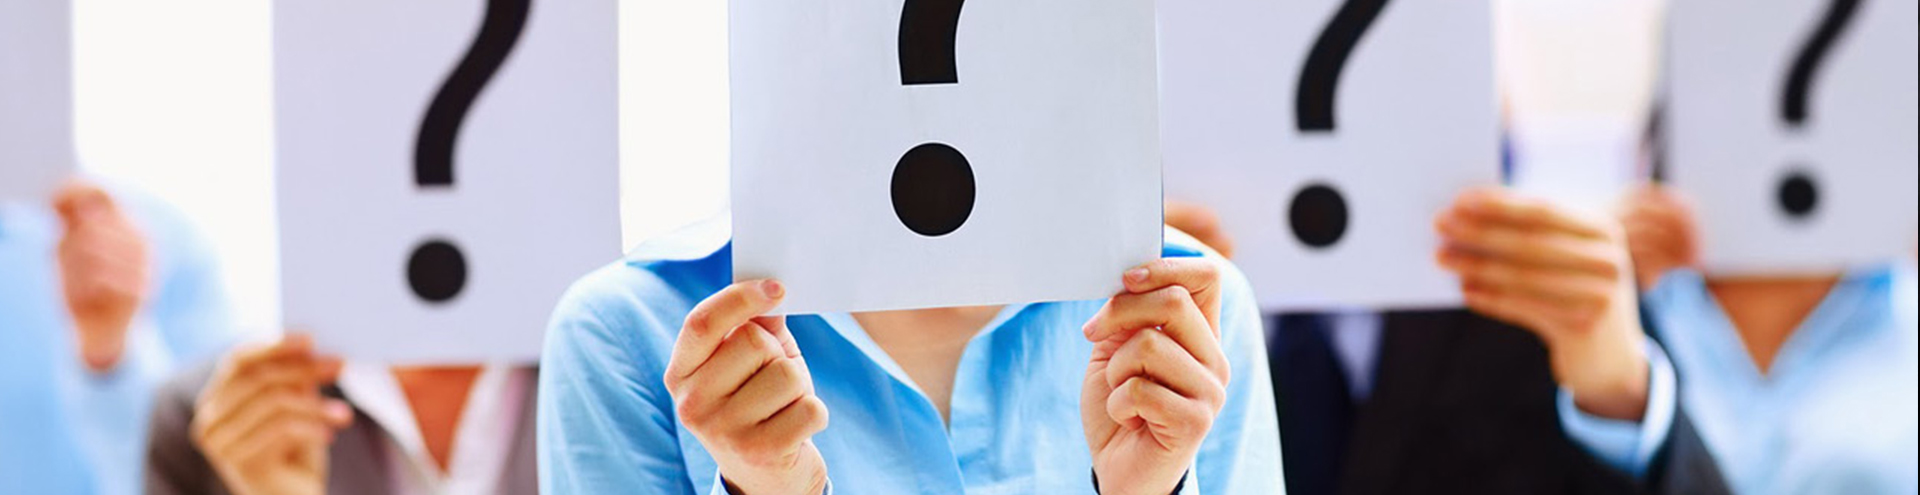 Задать вопрос юристу онлайн в Оренбурге